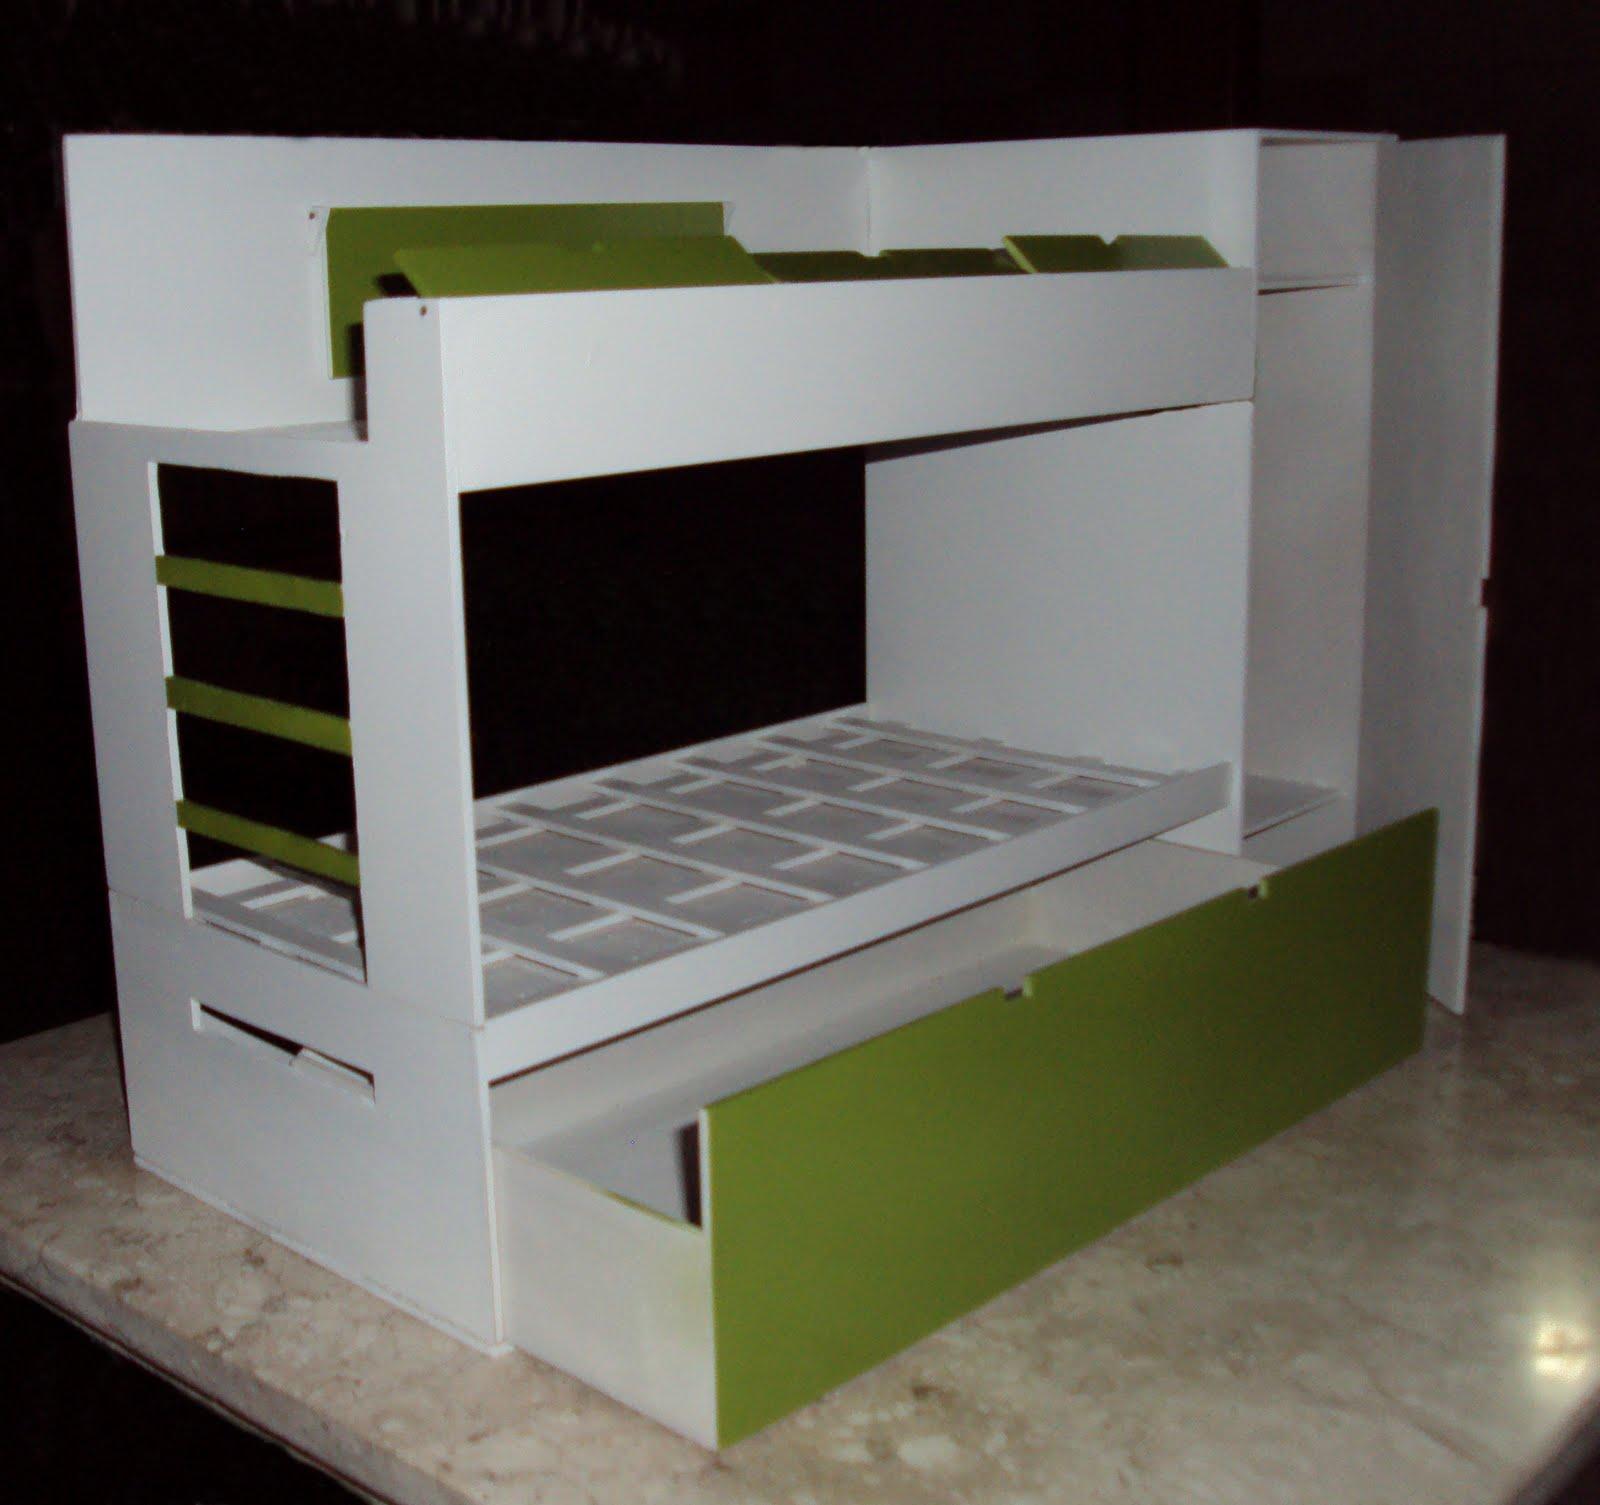 Projeto design em foco mobili rio multifuncional for Mobiliario multifuncional tesis